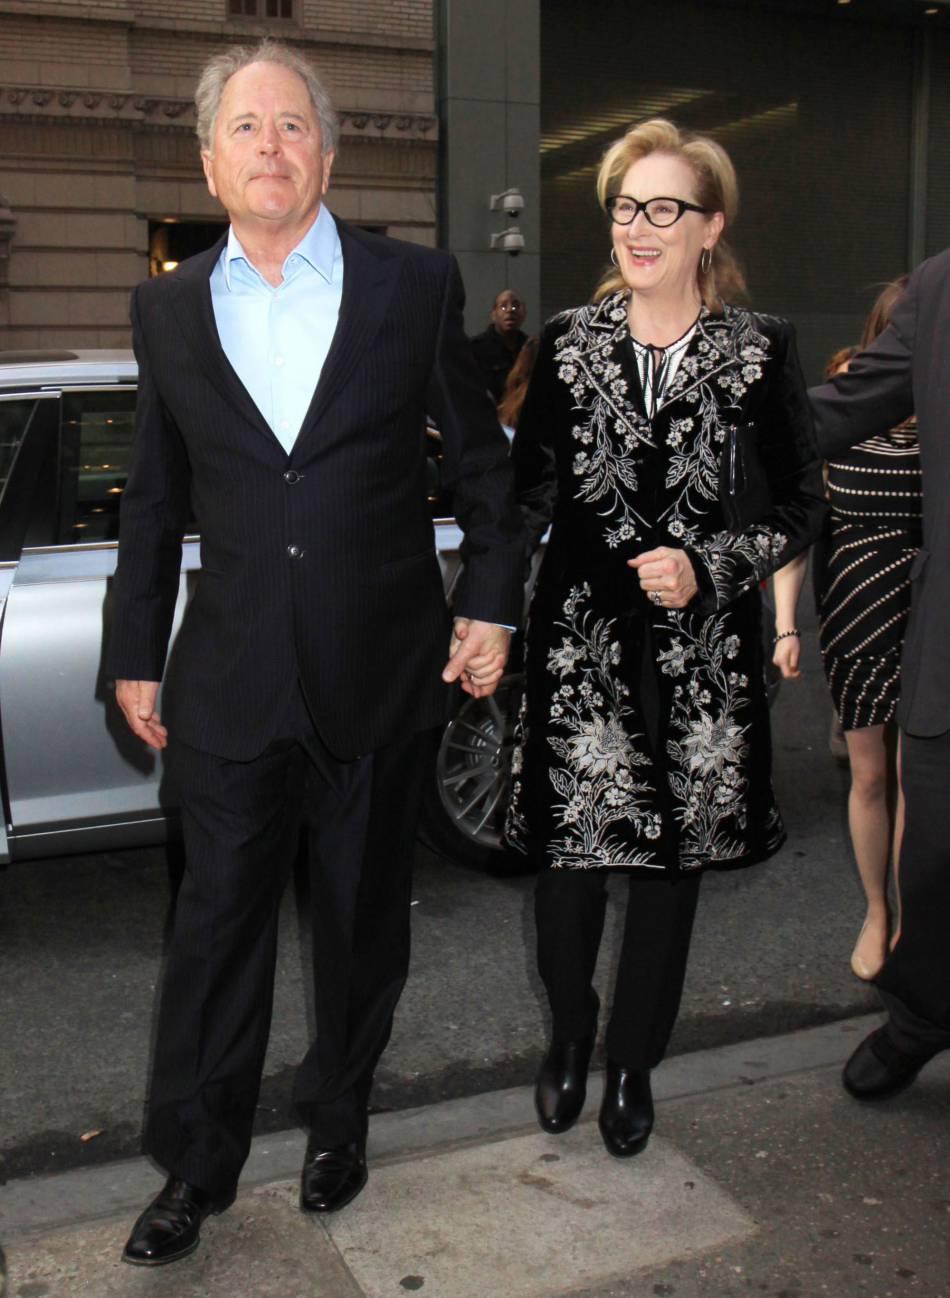 Depuis 1978, Meryl Streep file le parfait amour avec son mari Don Gummer.